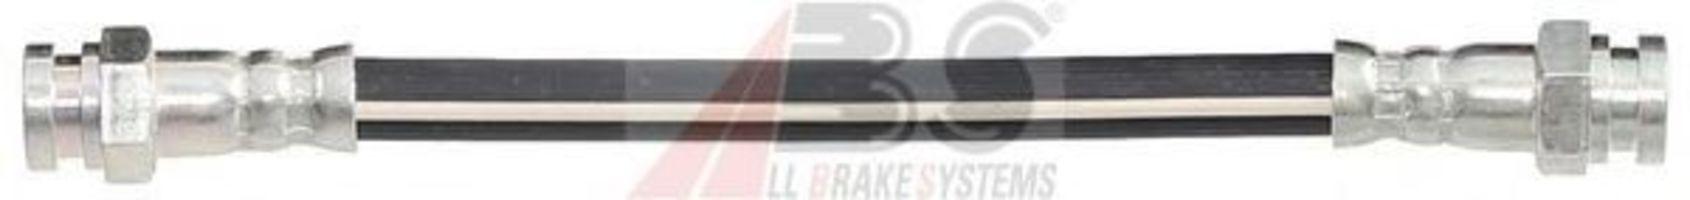 Шланг тормозной A.B.S. SL 4985